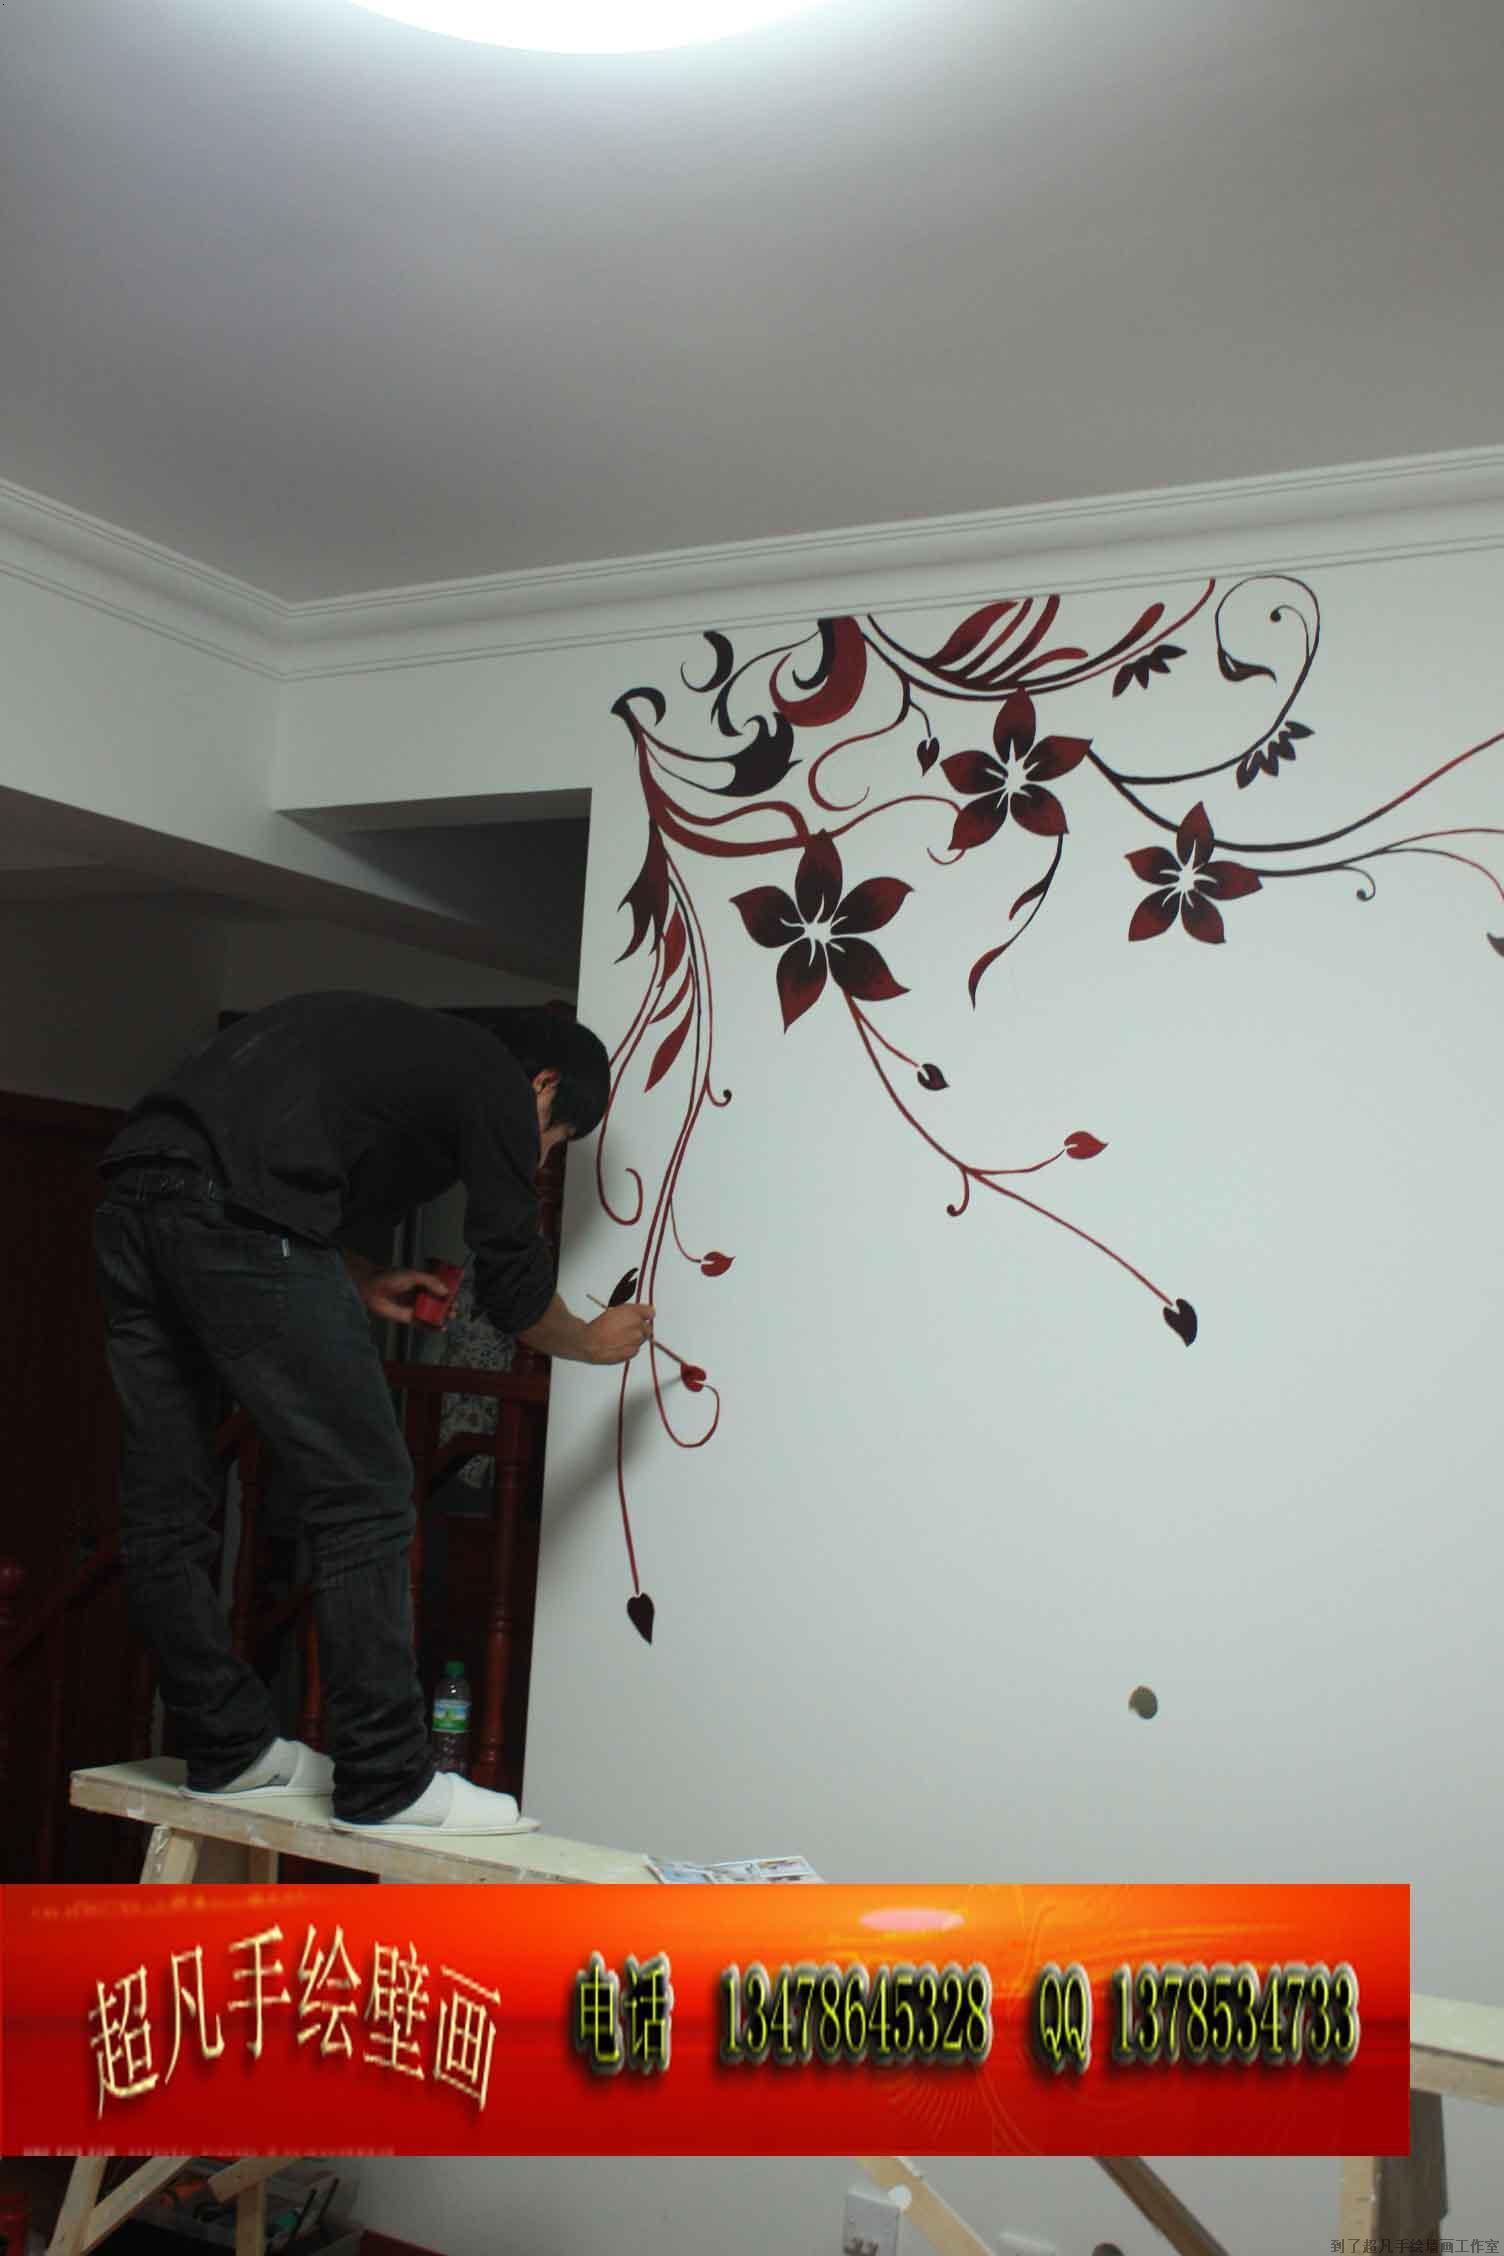 大连墙画墙绘 超凡工作室研究生团队